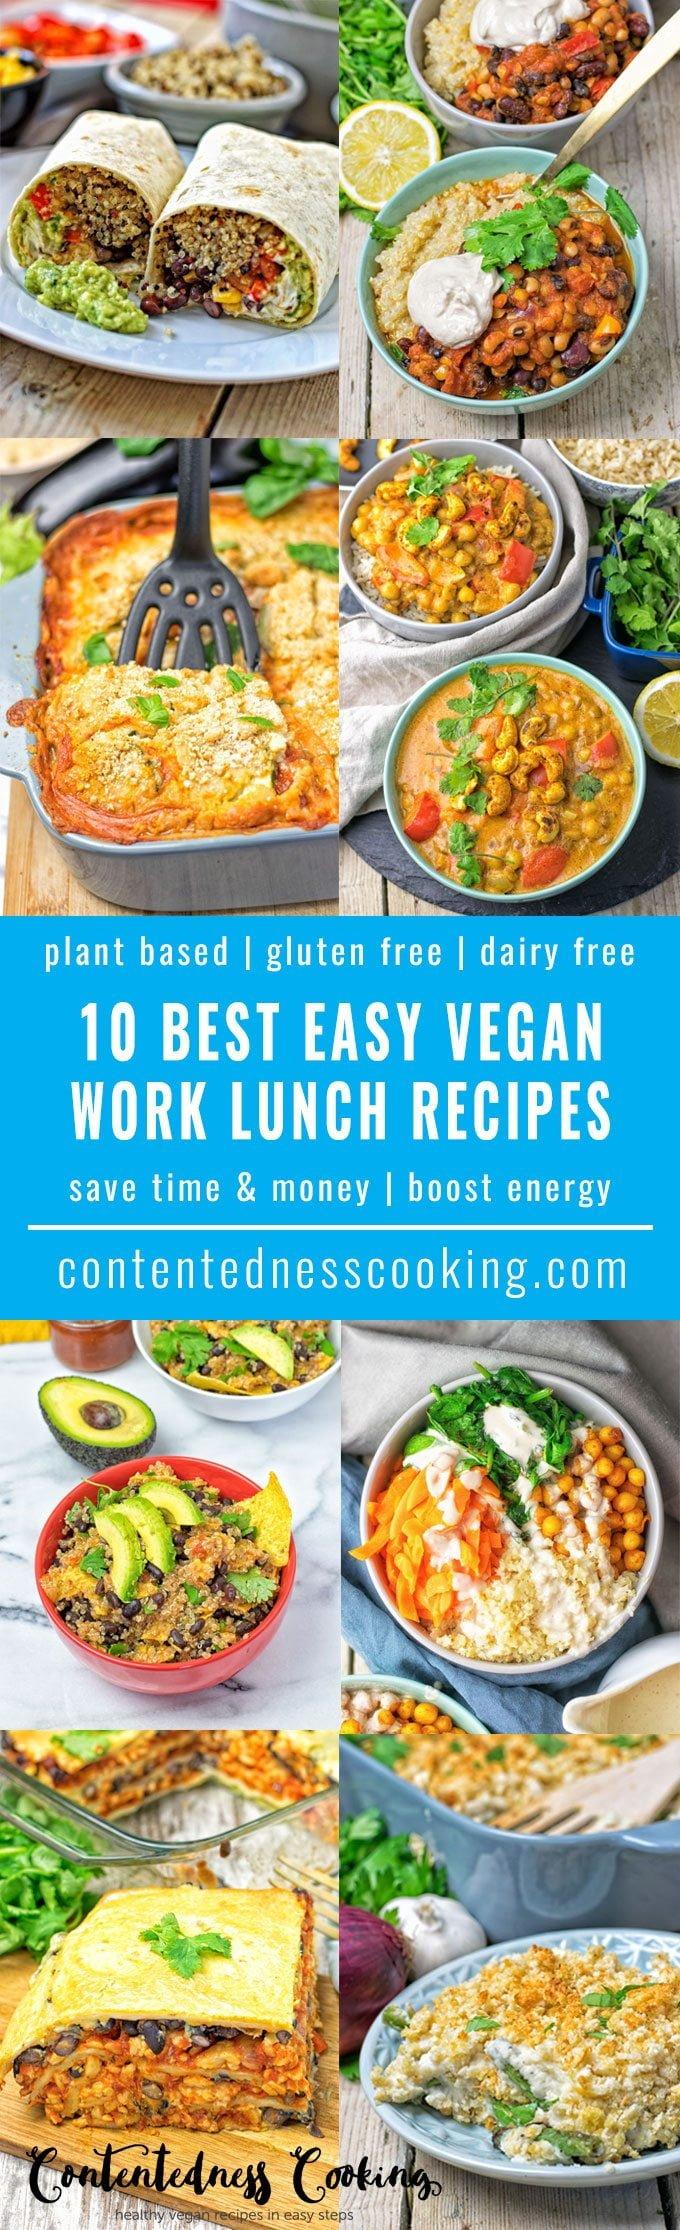 10 Best Easy Vegan Work Lunch Recipes | #vegan #glutenfree #plantbased #dairyfree #contentednesscooking